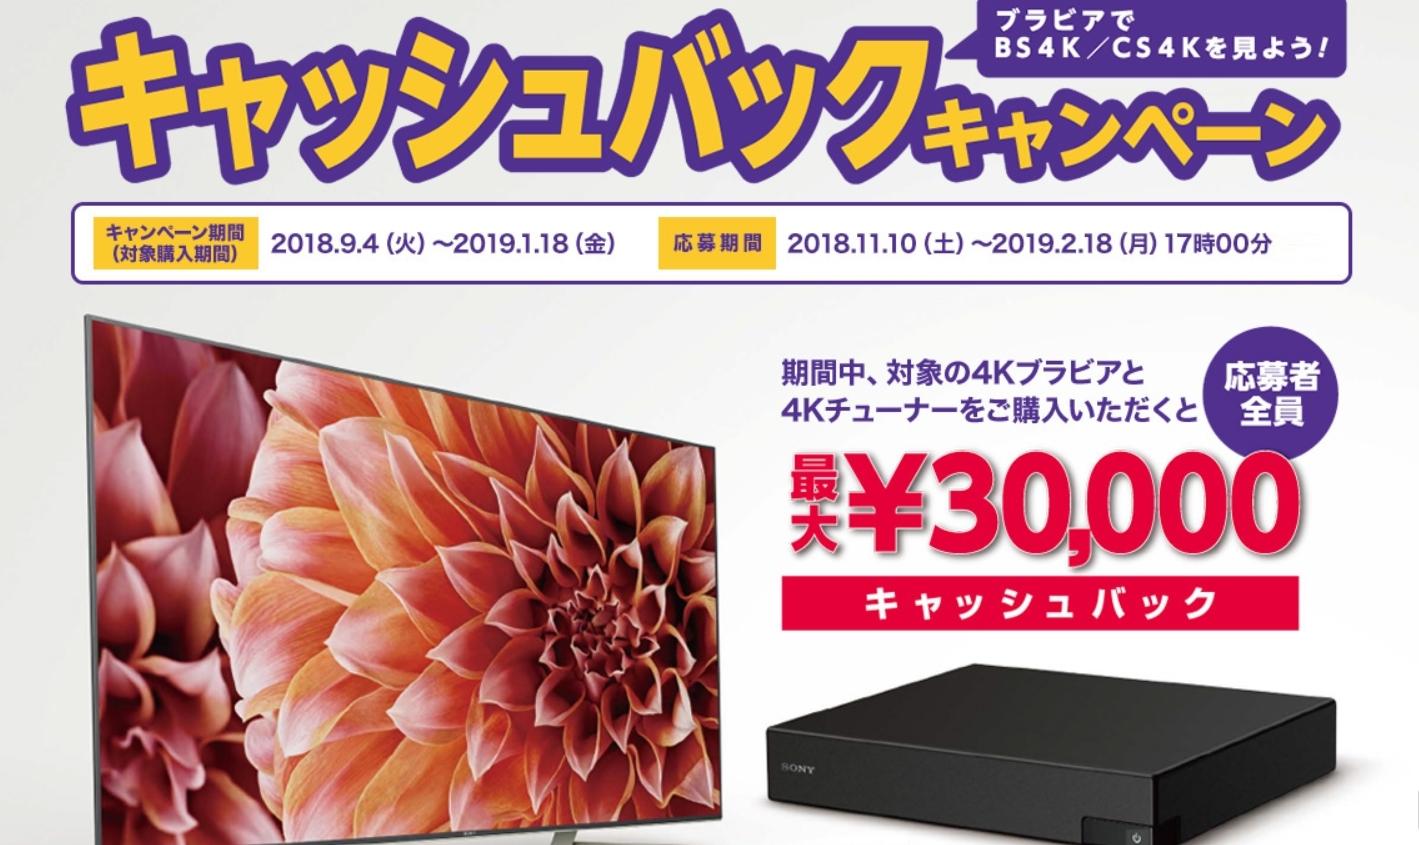 ブラビアでBS4K/CS4Kを見よう!対象の4Kブラビアと4Kチューナーをご購入で、応募者全員に最大30,000円のキャッシュバック!